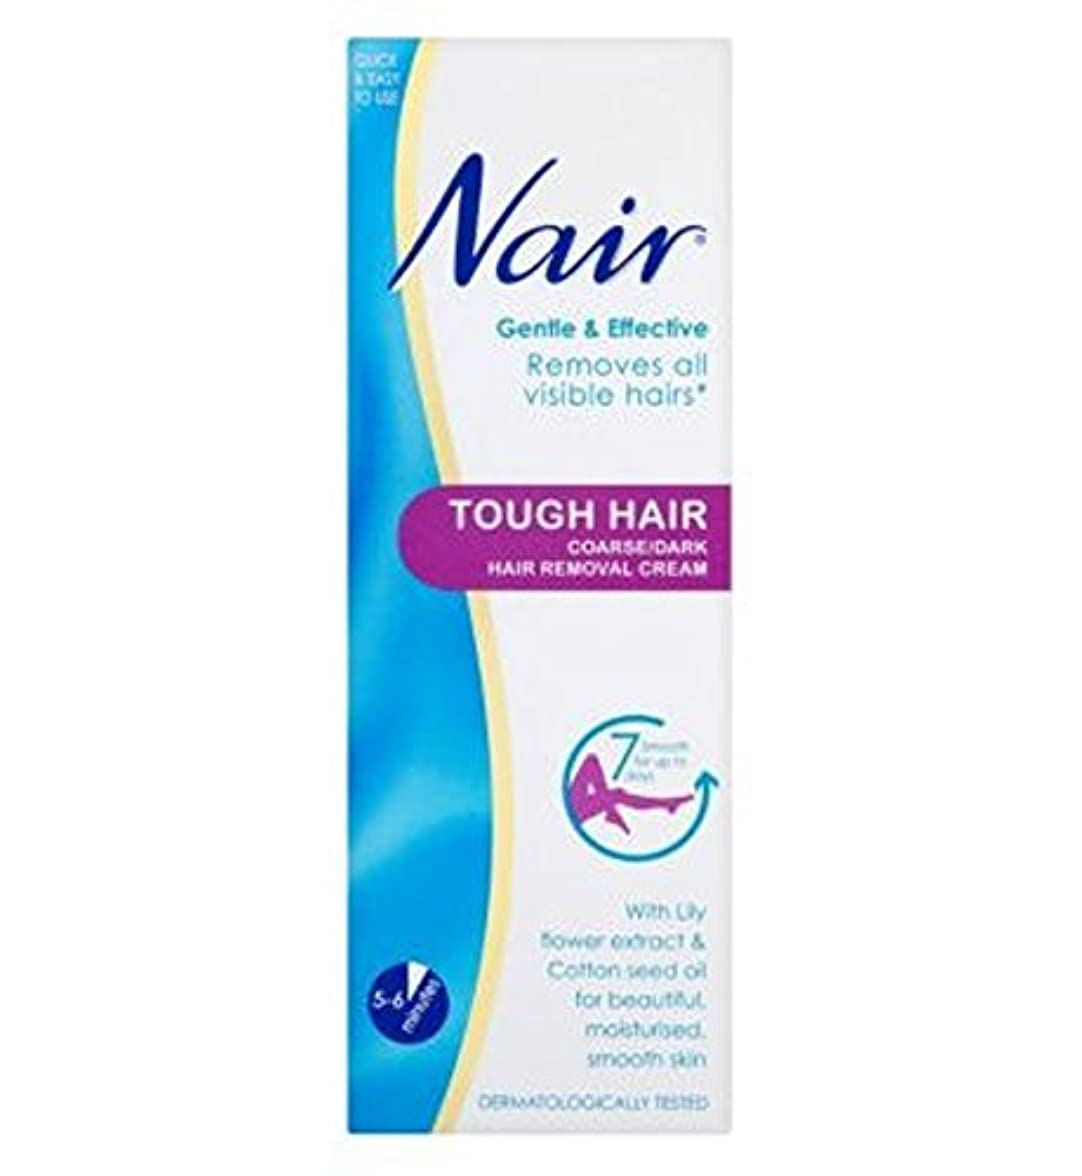 行き当たりばったりライトニングクライストチャーチナイールタフな毛脱毛クリーム200ミリリットル (Nair) (x2) - Nair Tough Hair Hair Removal Cream 200ml (Pack of 2) [並行輸入品]